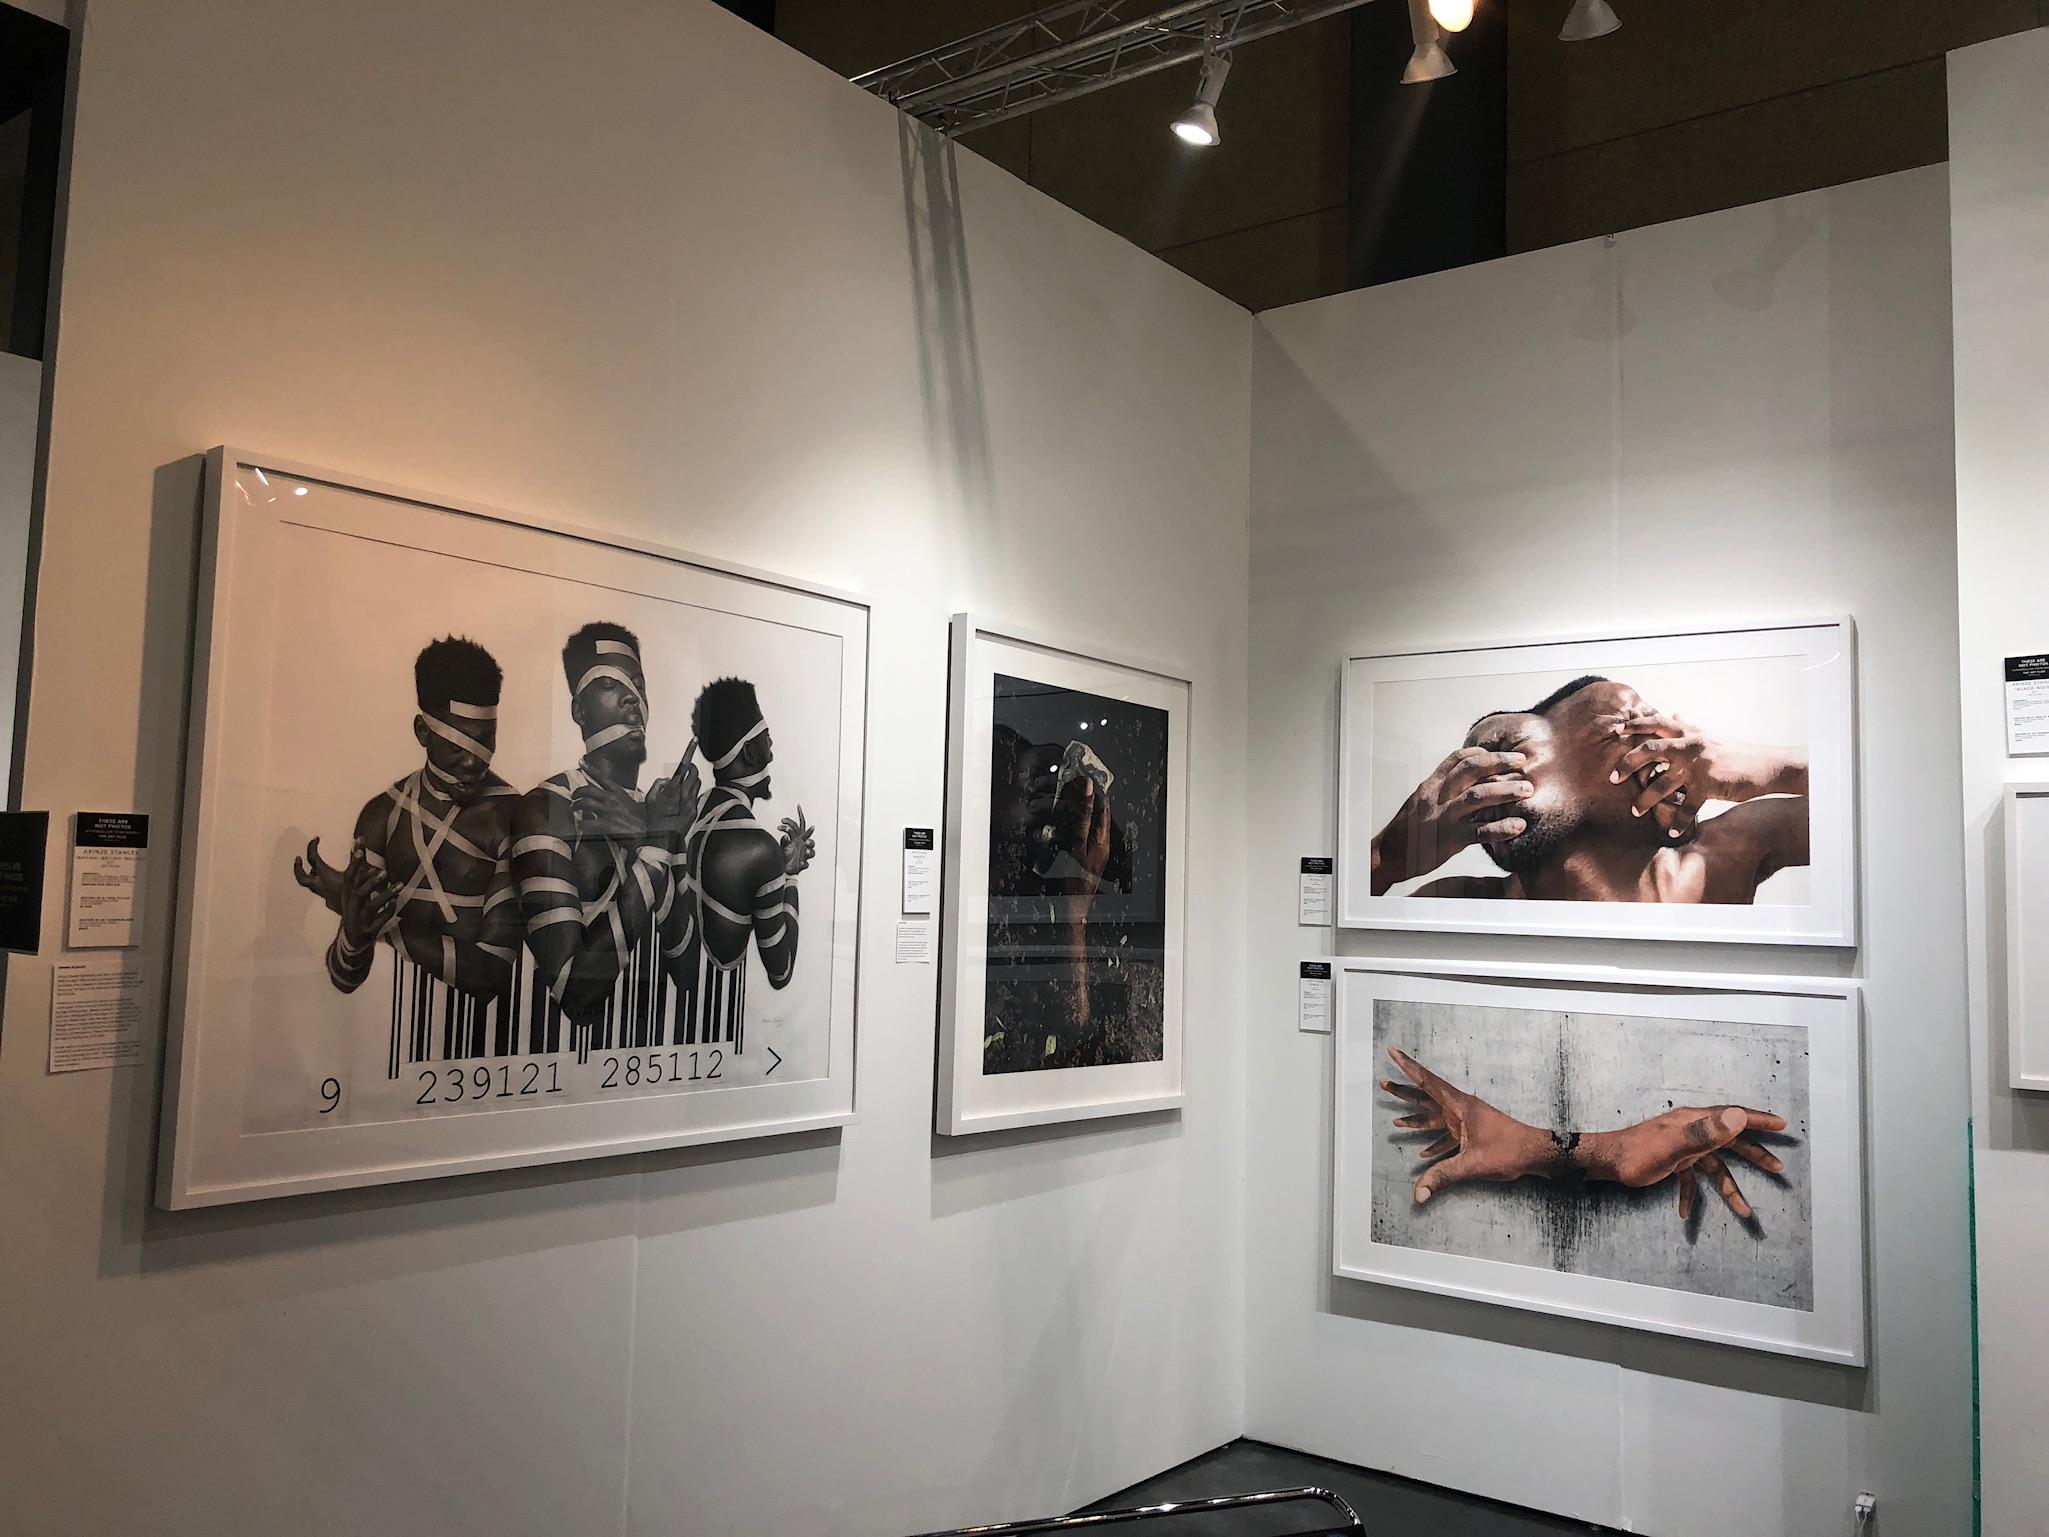 ArtPalmBeach2018_TheseAreNotPhotos_ArinzeStanleyxAyoFilade.JPG